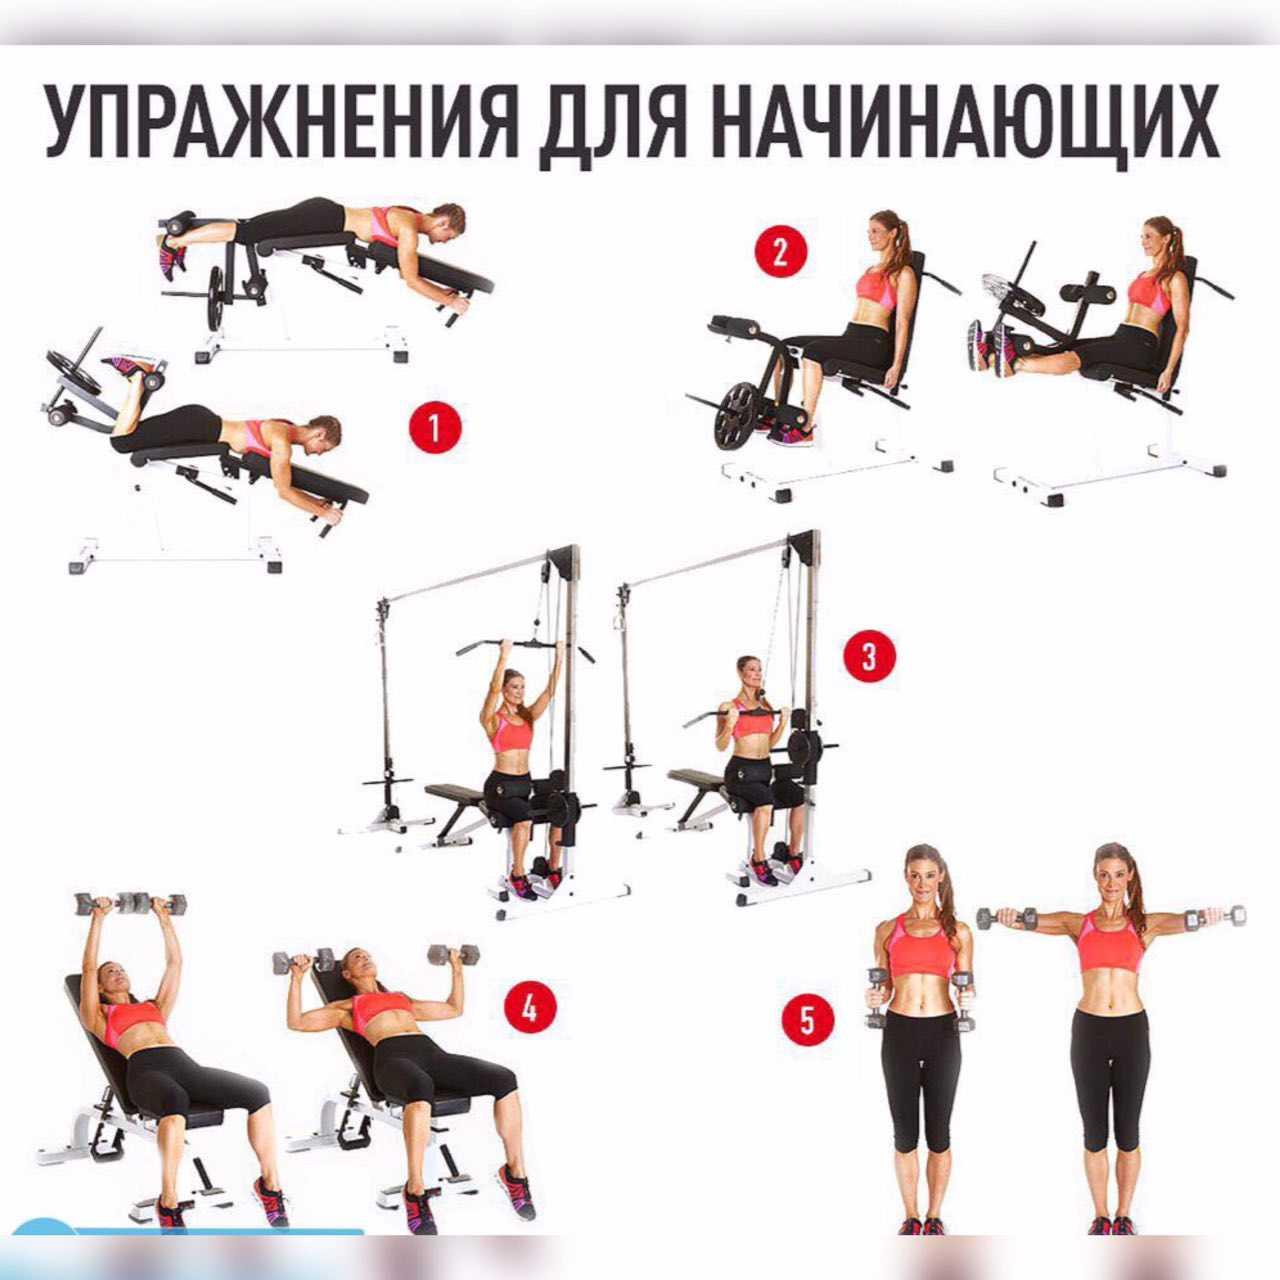 Оптимальная программа тренировок для похудения для девушек в тренажерном зале и правильное питание Комплекс упражнений, рассчитанный на быстрый результат